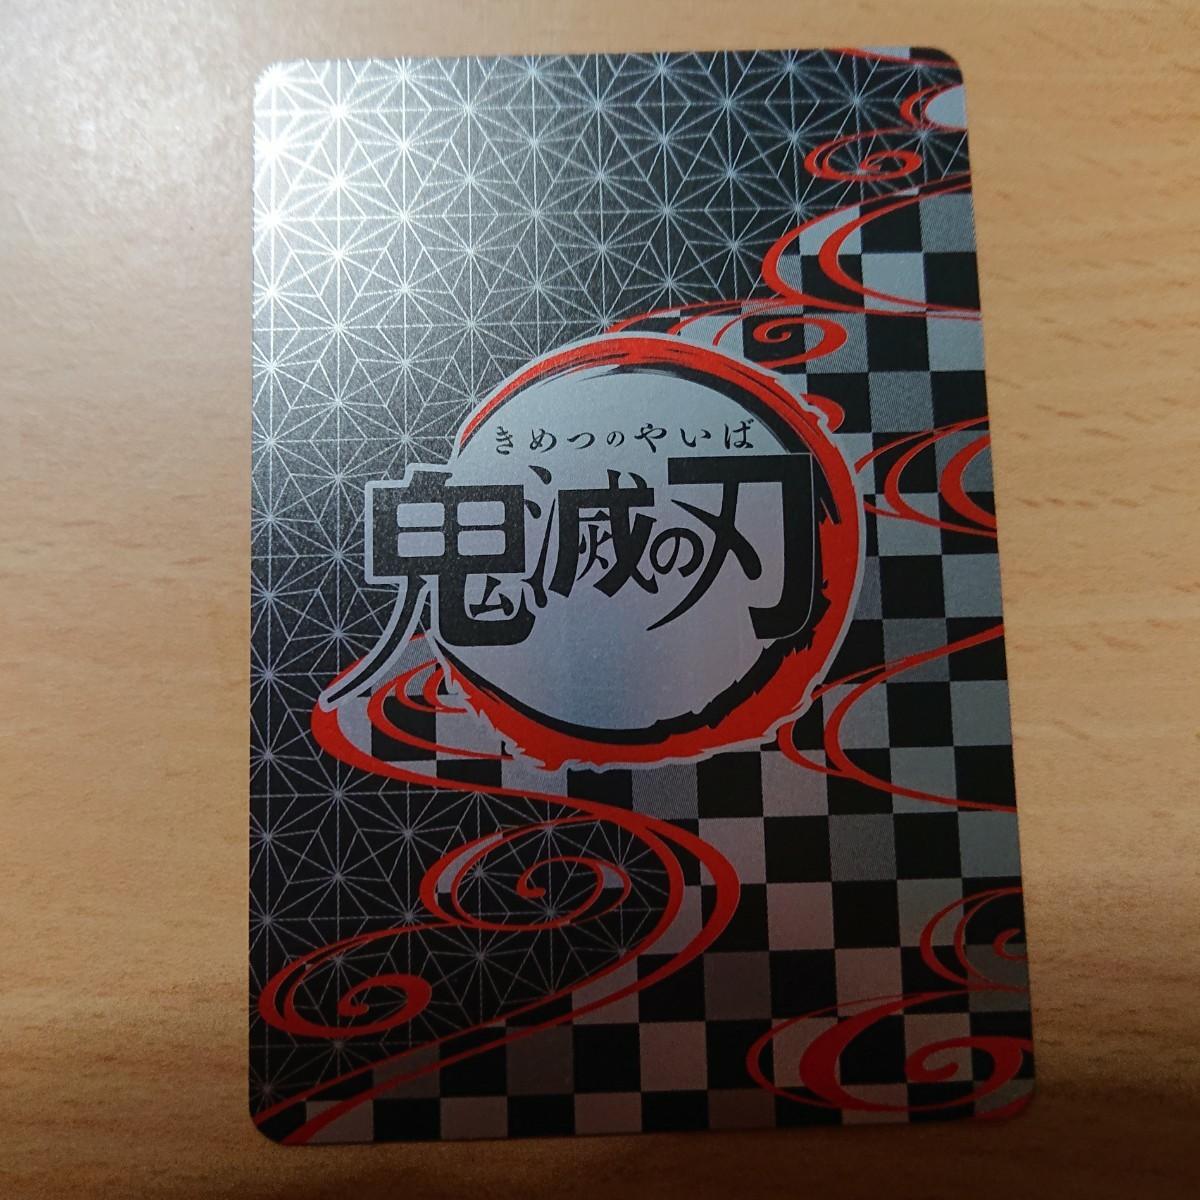 鬼滅の刃 我妻善逸 メタリック仕様 コレクターズカード2 集英社